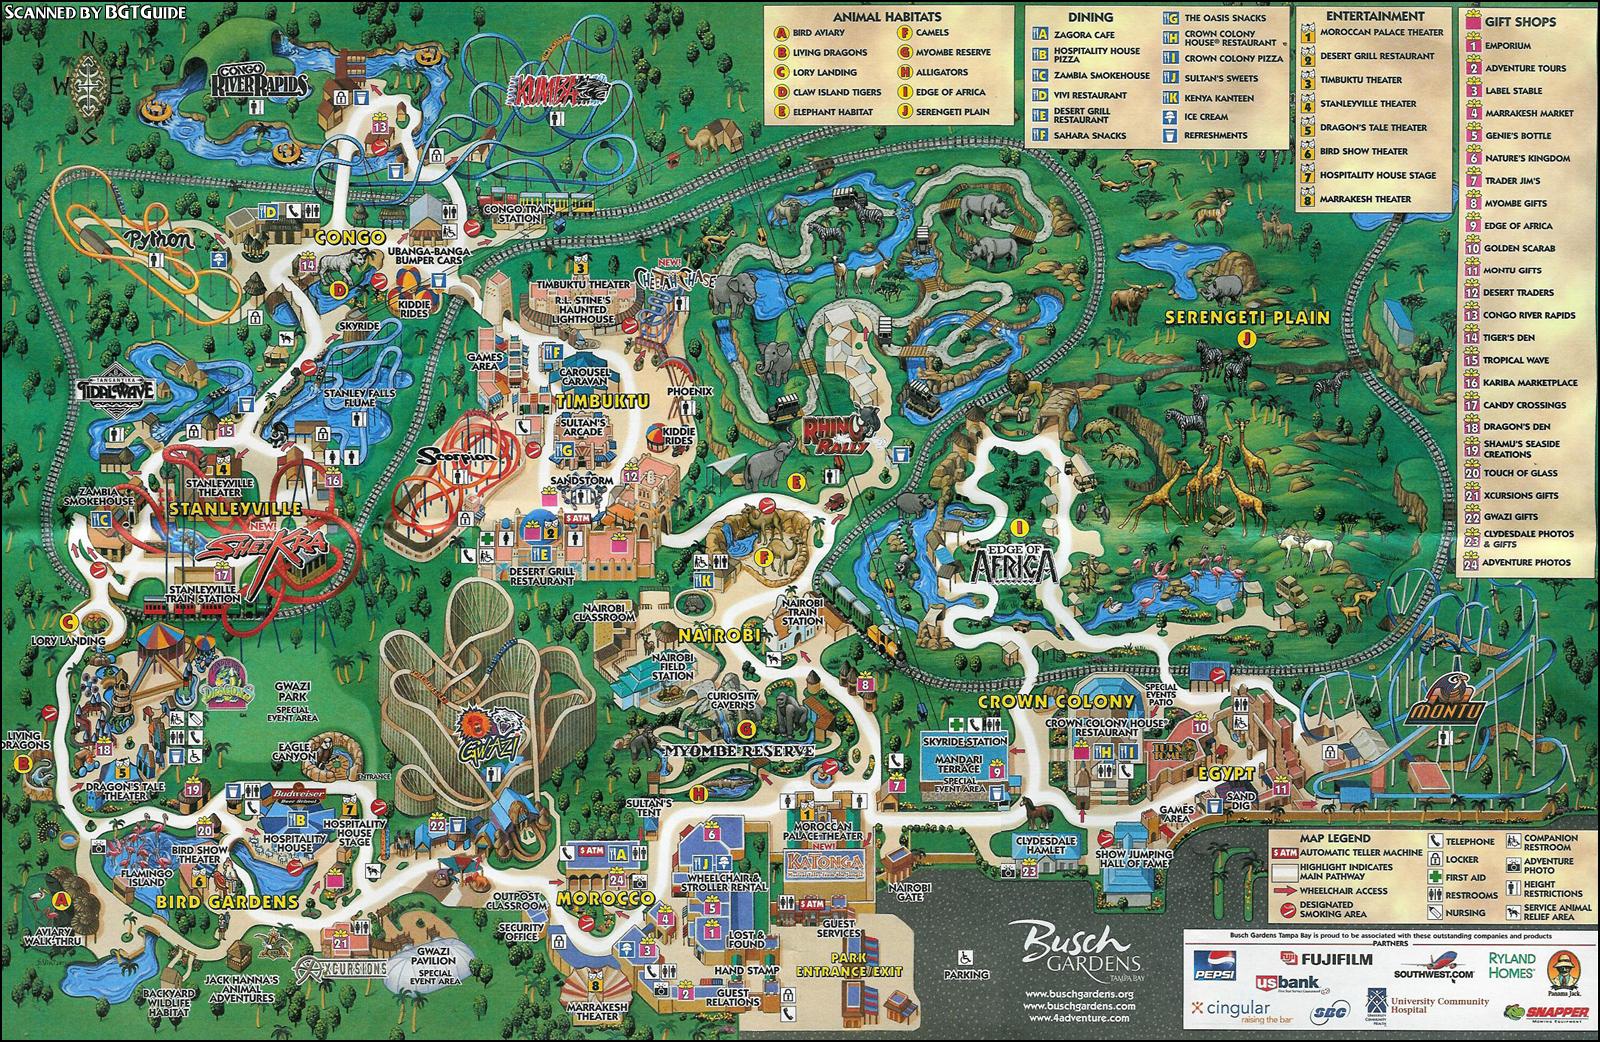 Busch Gardens Tampa Florida Theme Parks com